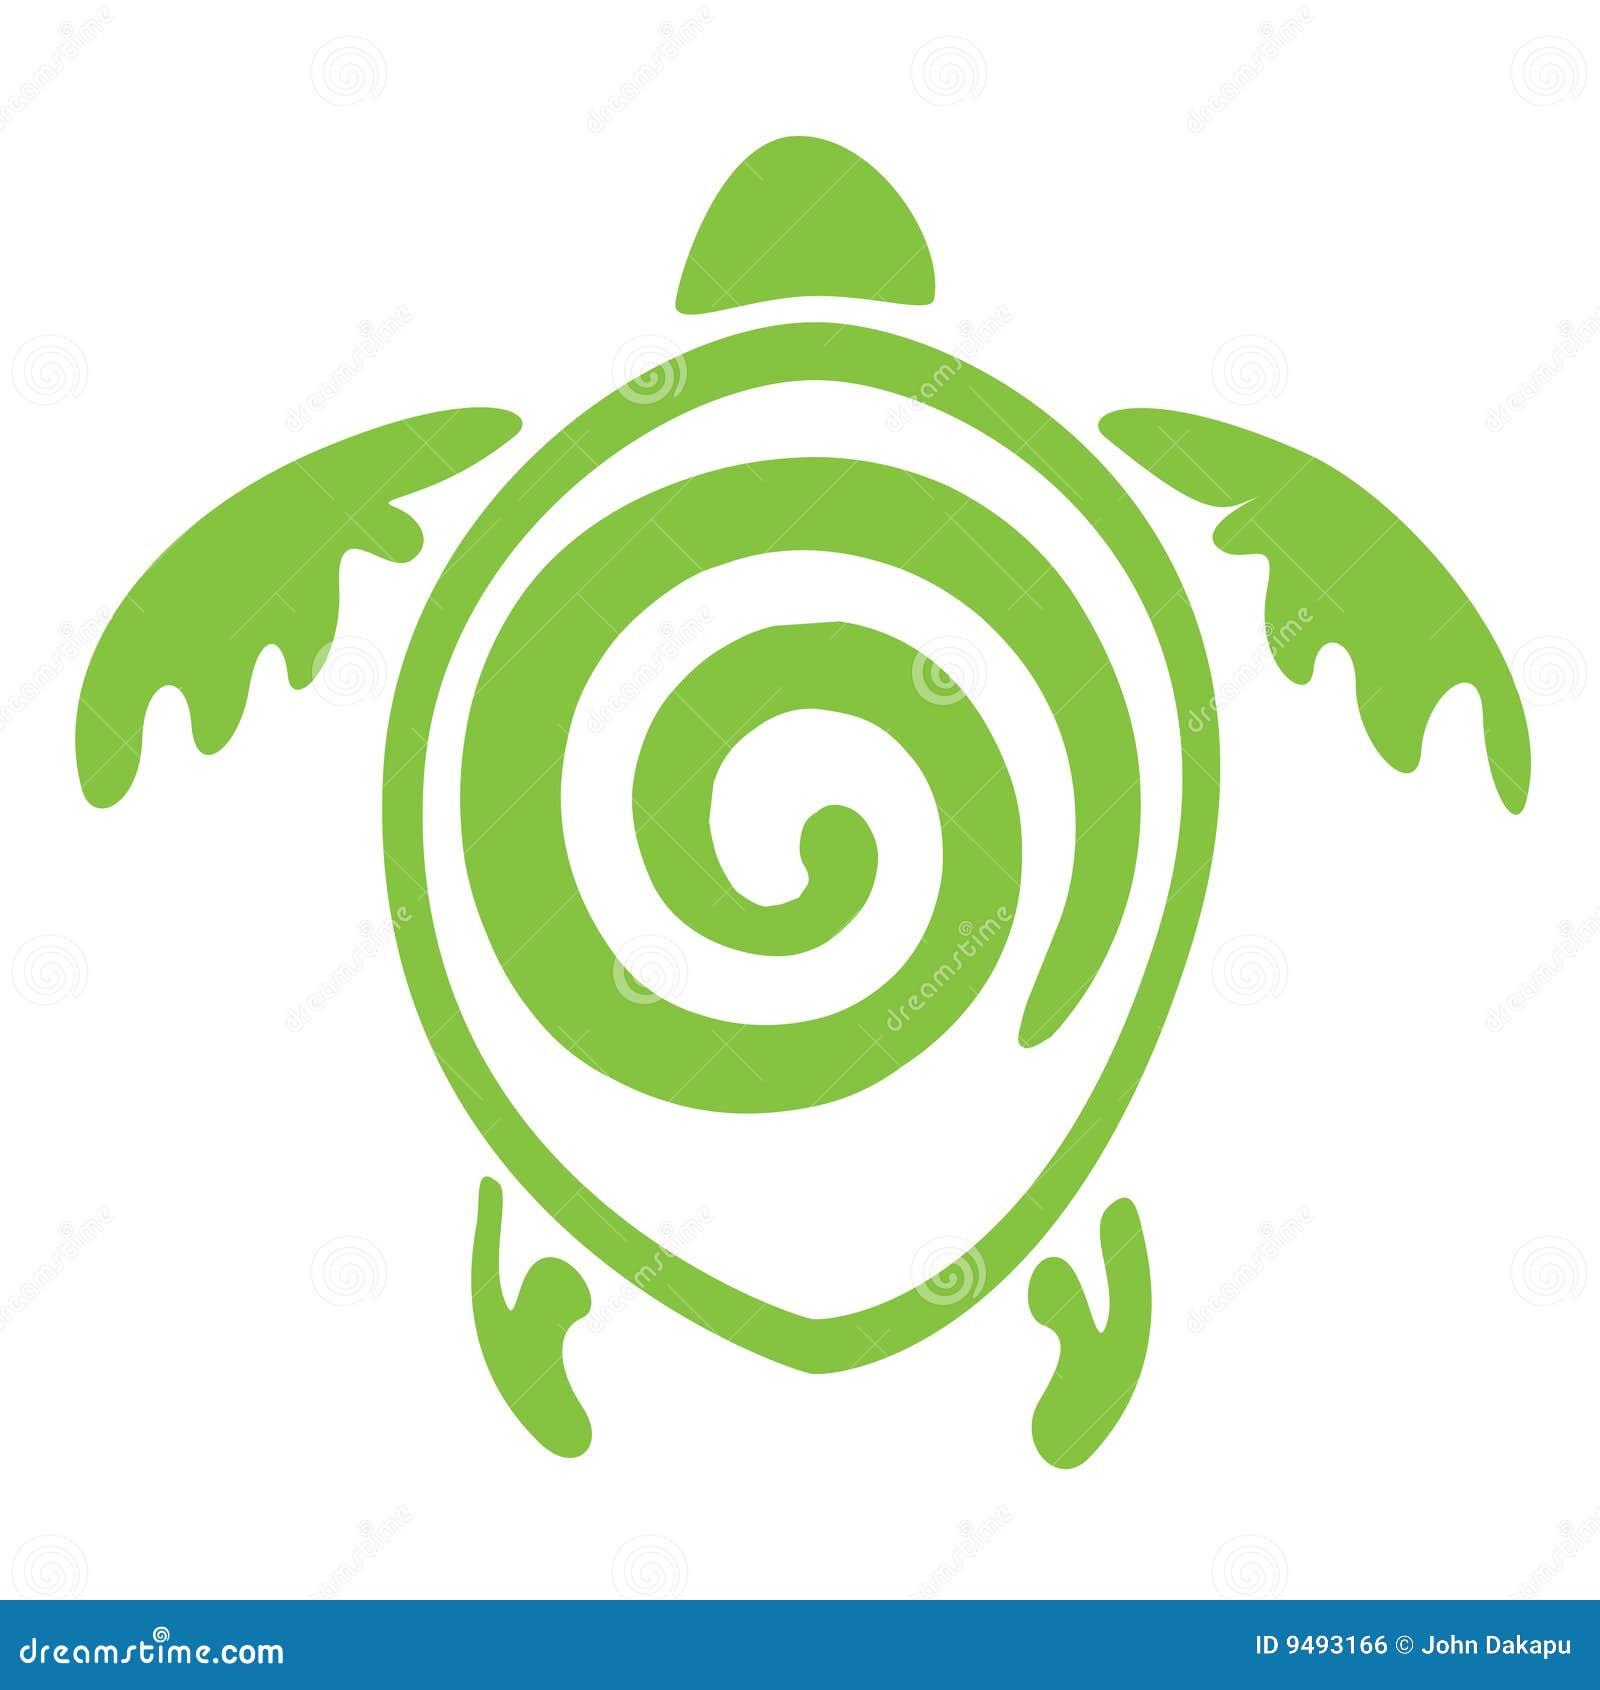 Dreamstime stock vector. Illustration of leaf, symbol ...